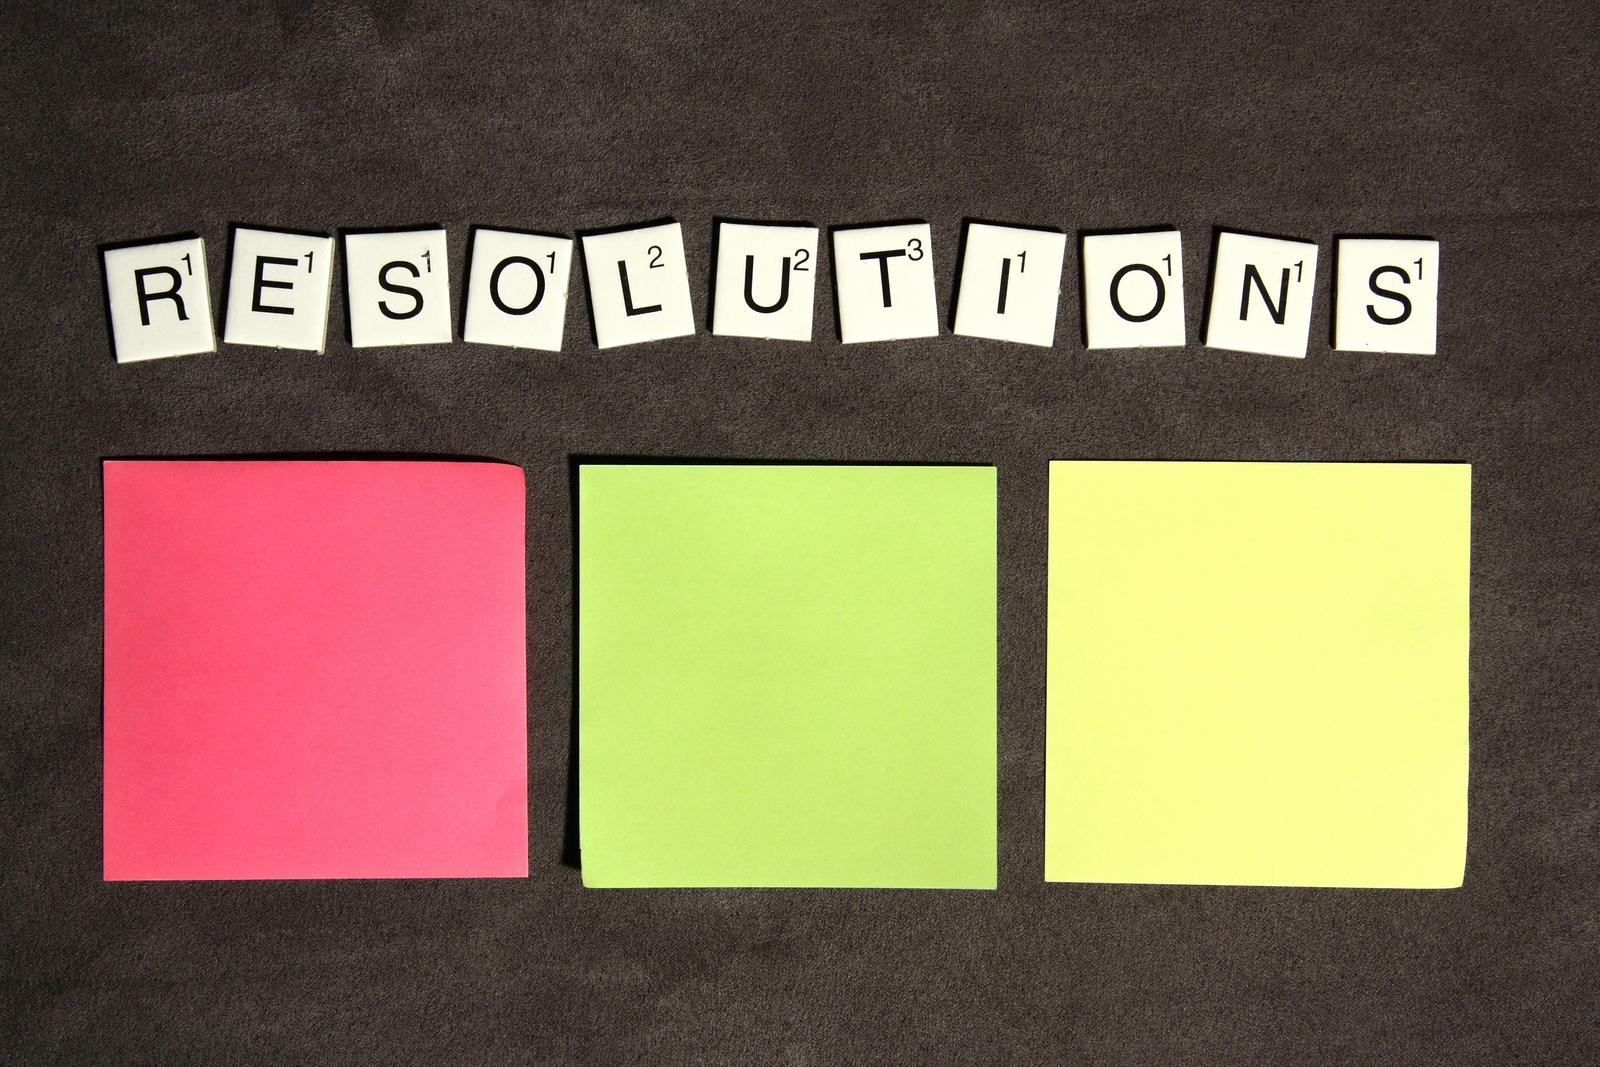 scrabble-resolutions.jpg